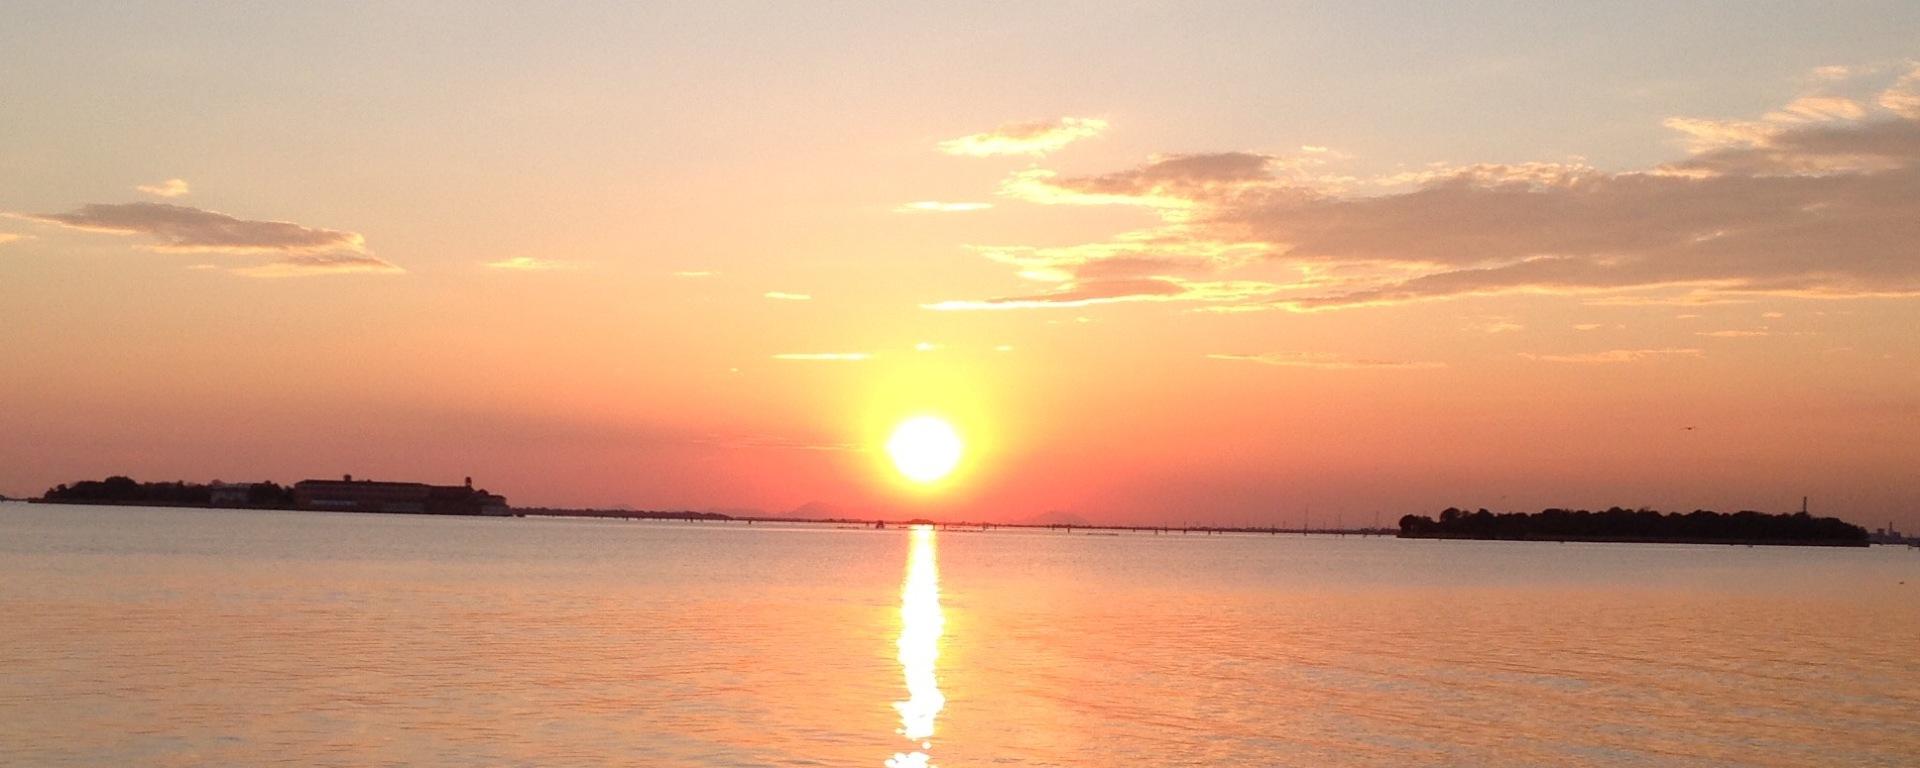 tramonto-laguna